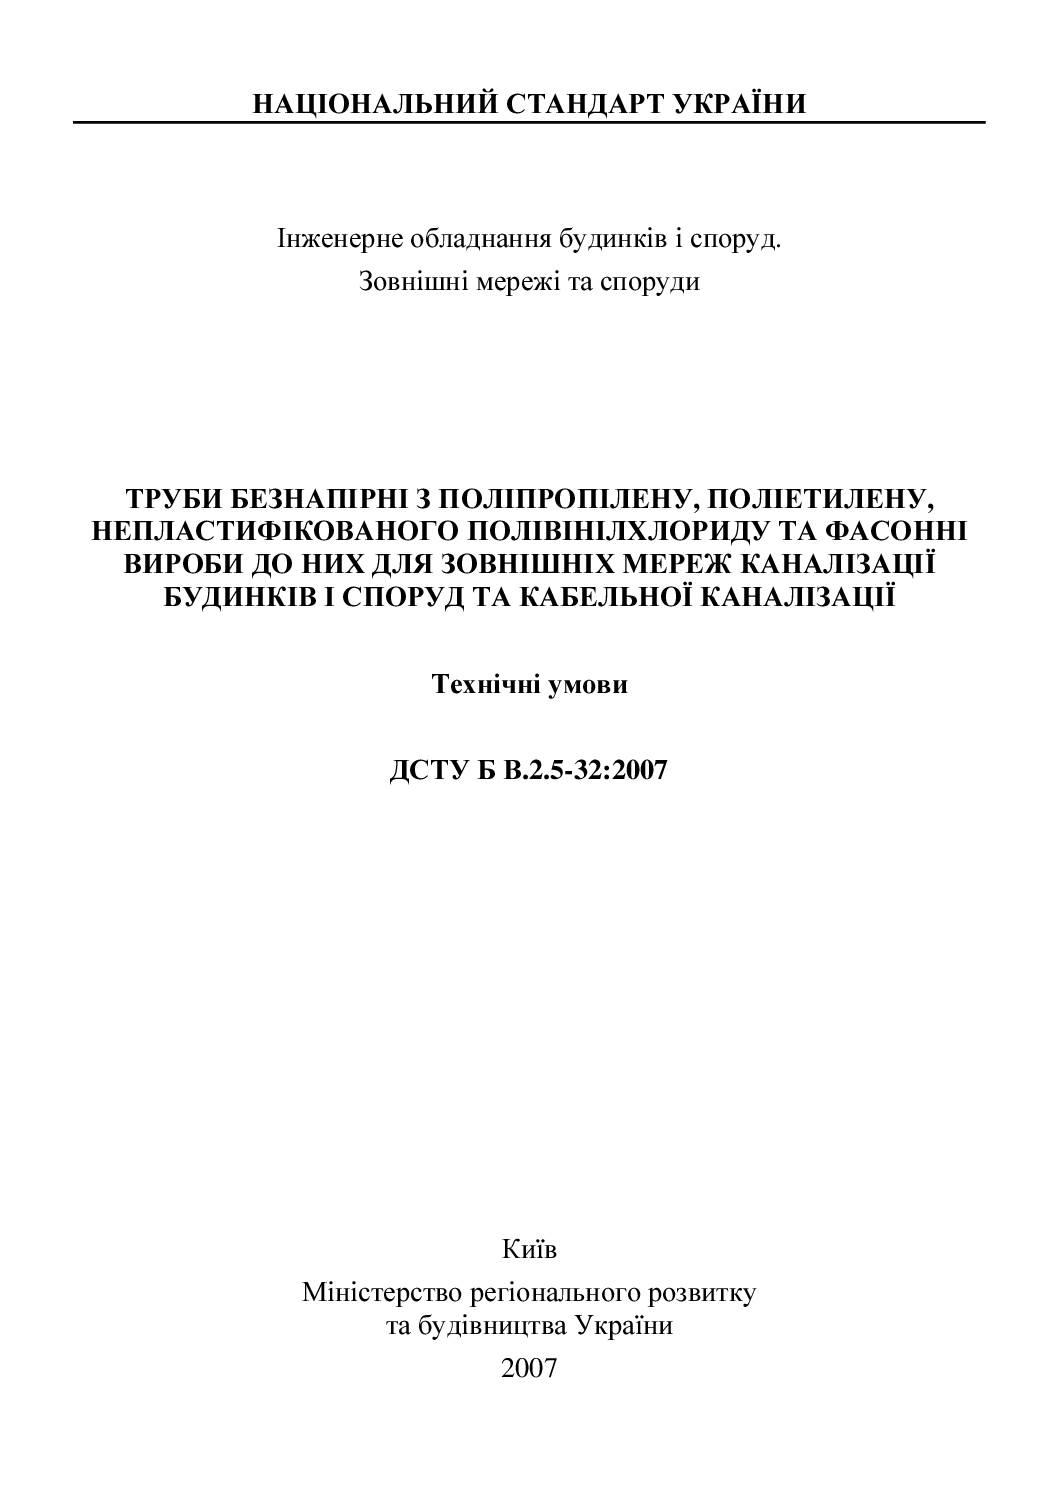 ДСТУ Б В.2.5-32:2007